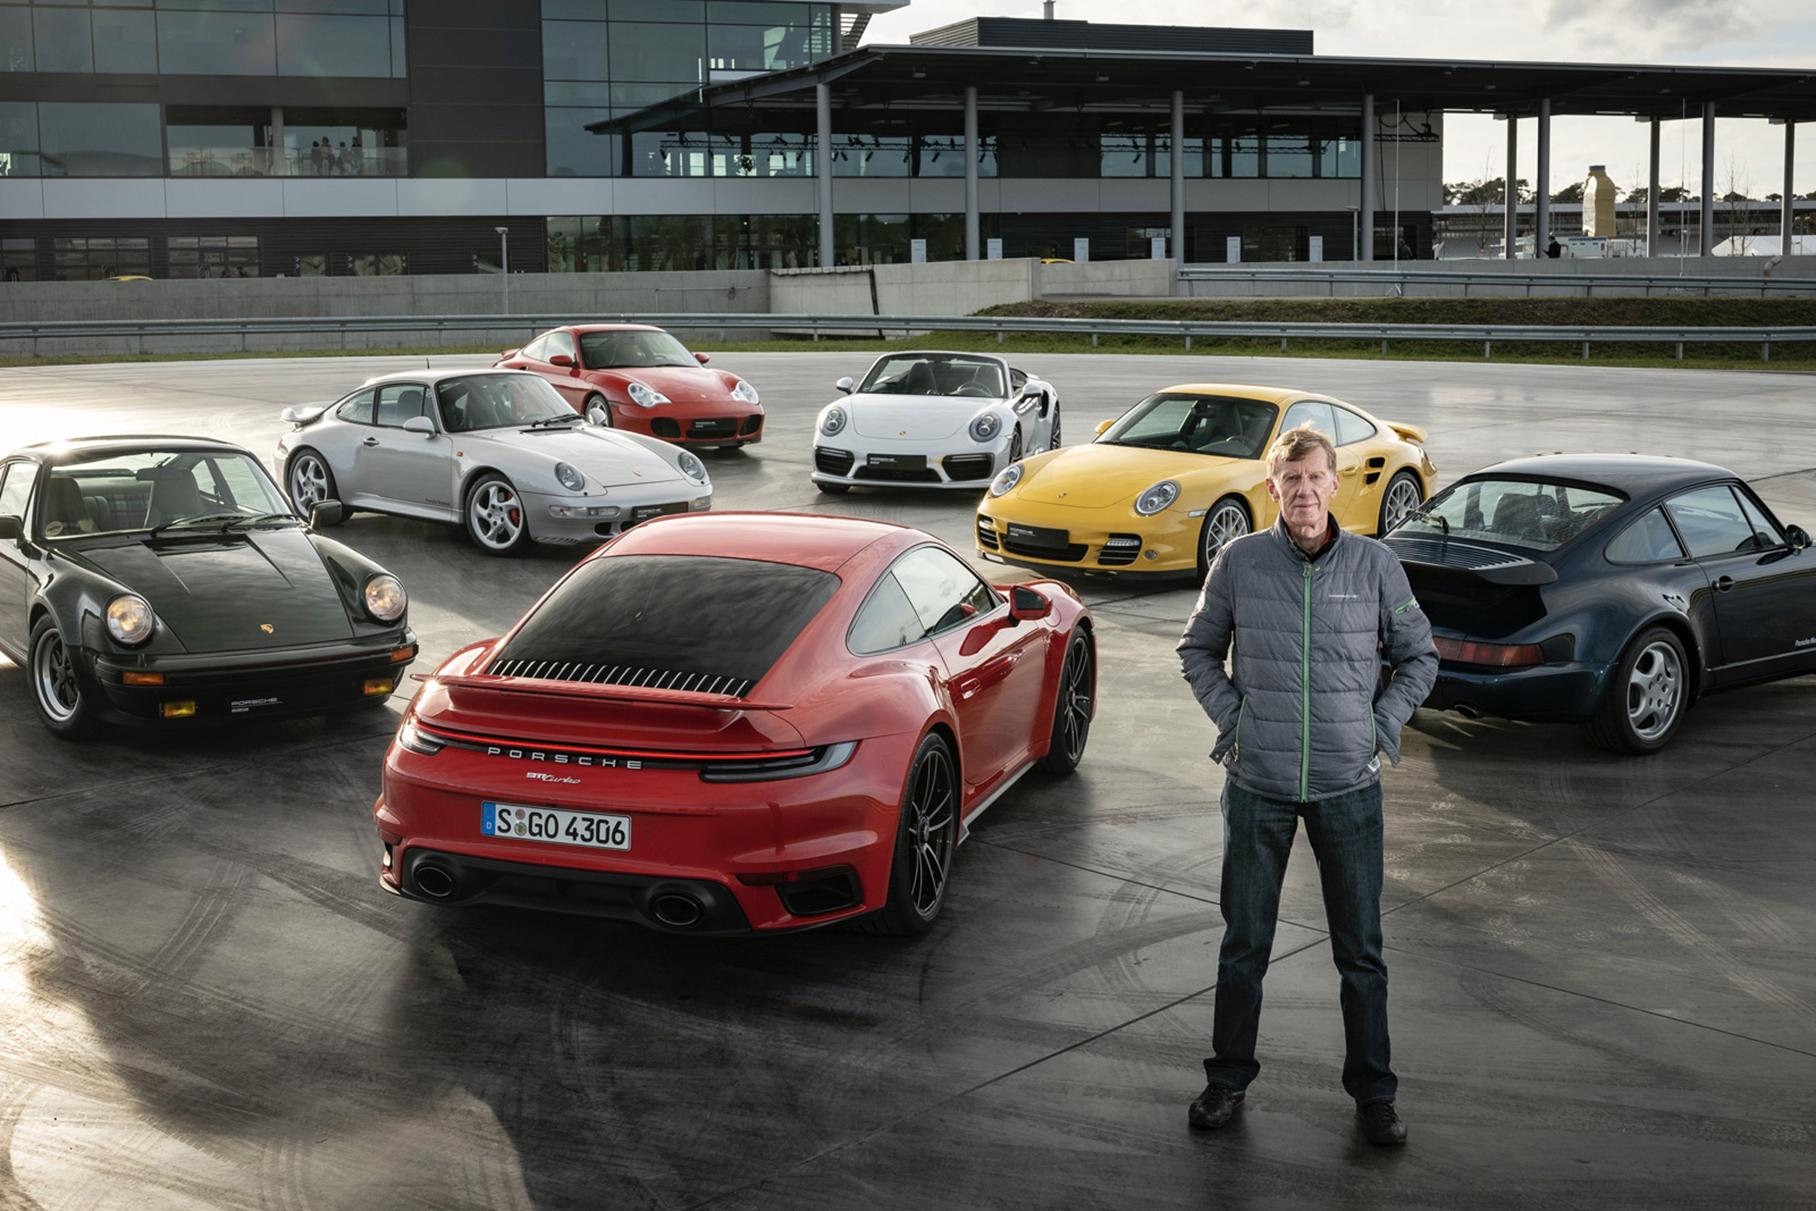 Видео: семь поколений Porsche 911 Turbo сразились друг с другом в гонке